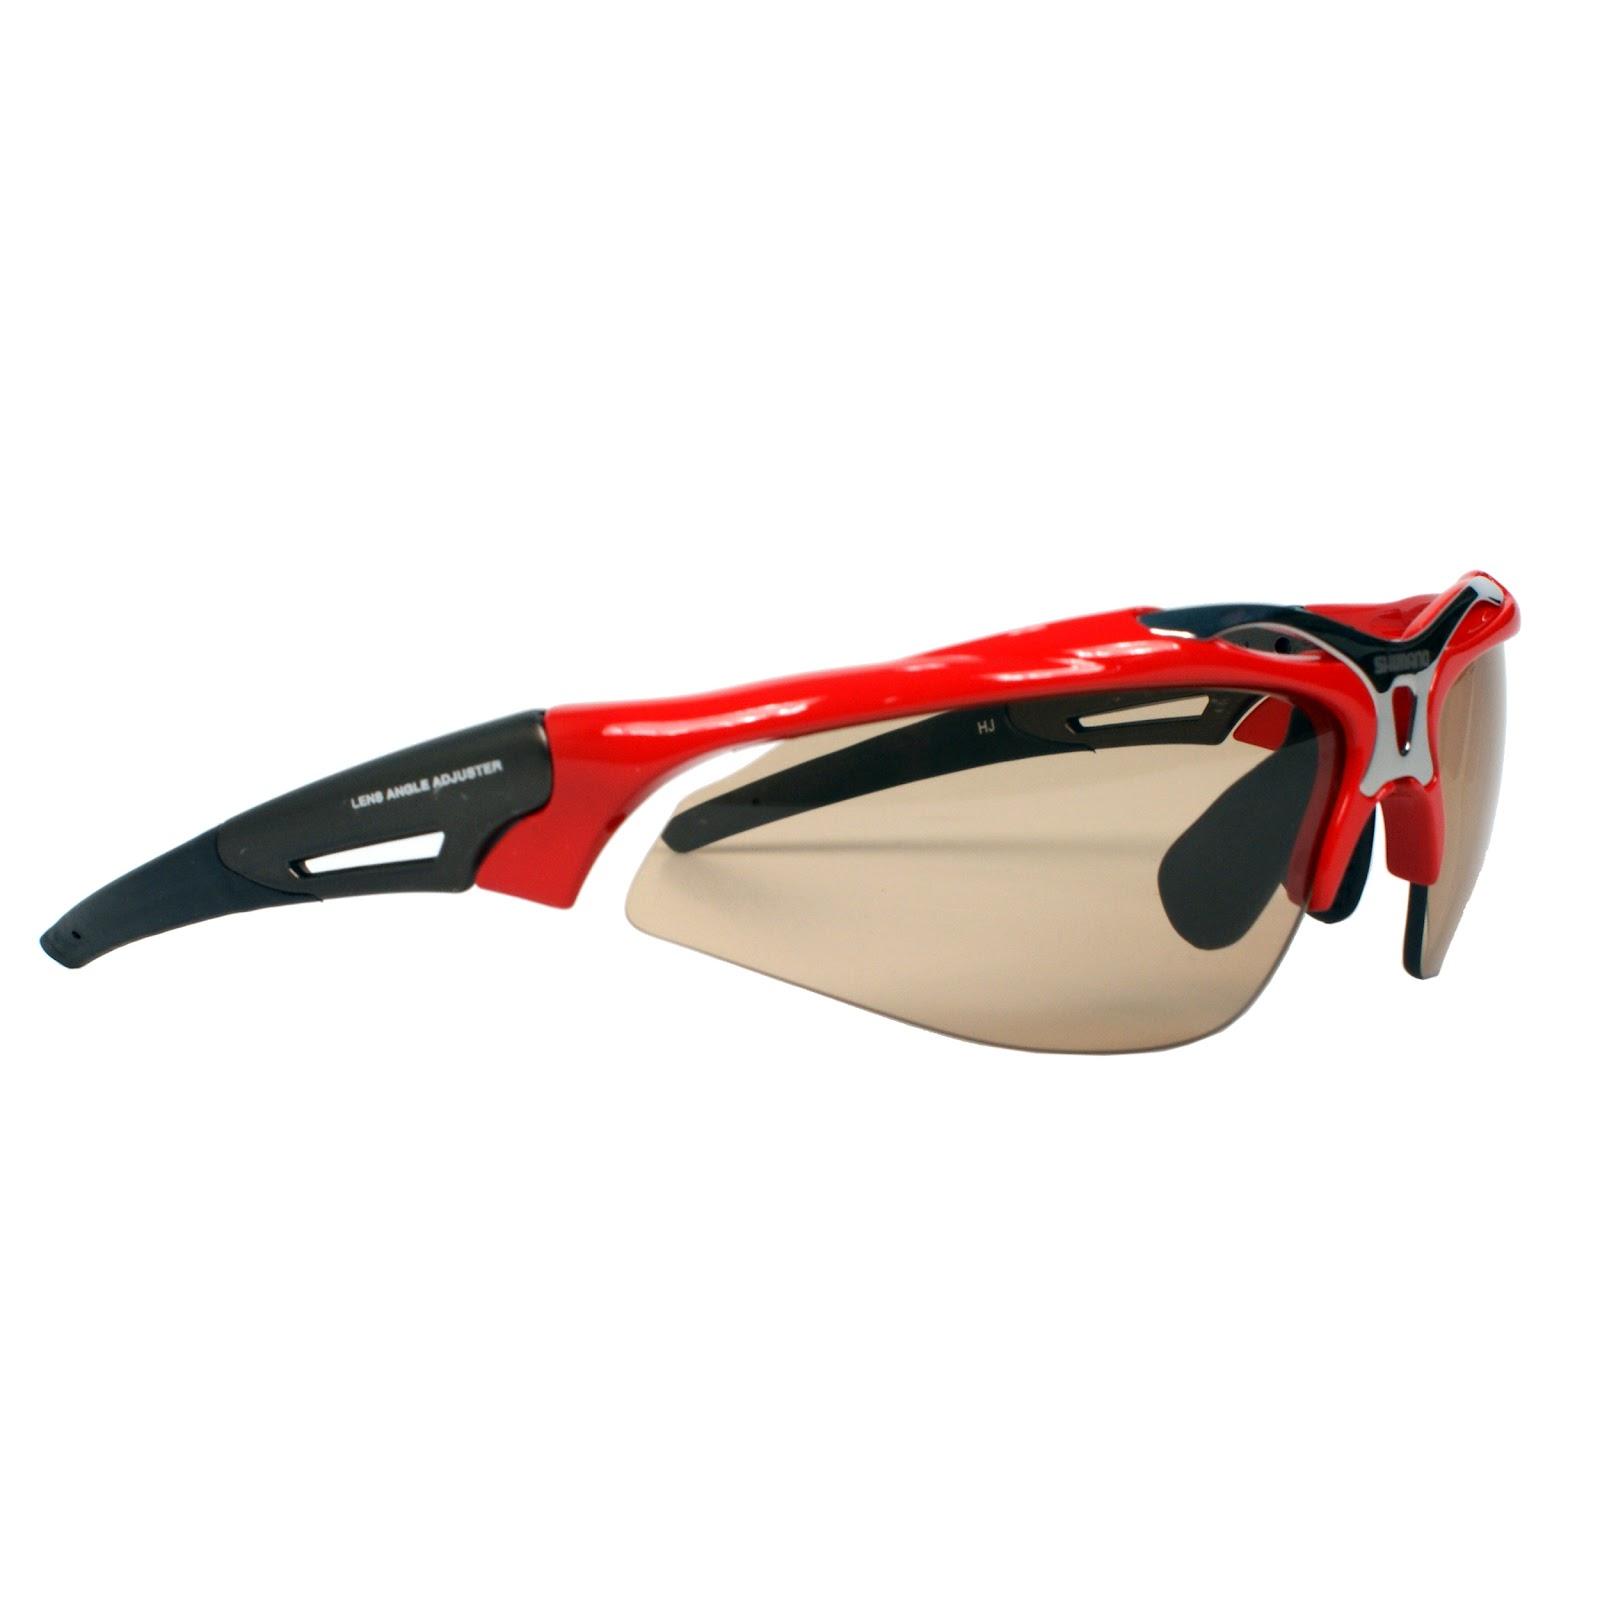 c4fe1eb19 La Avispa del ciclismo: Gafas con cristales fotocromaticos y polarizados